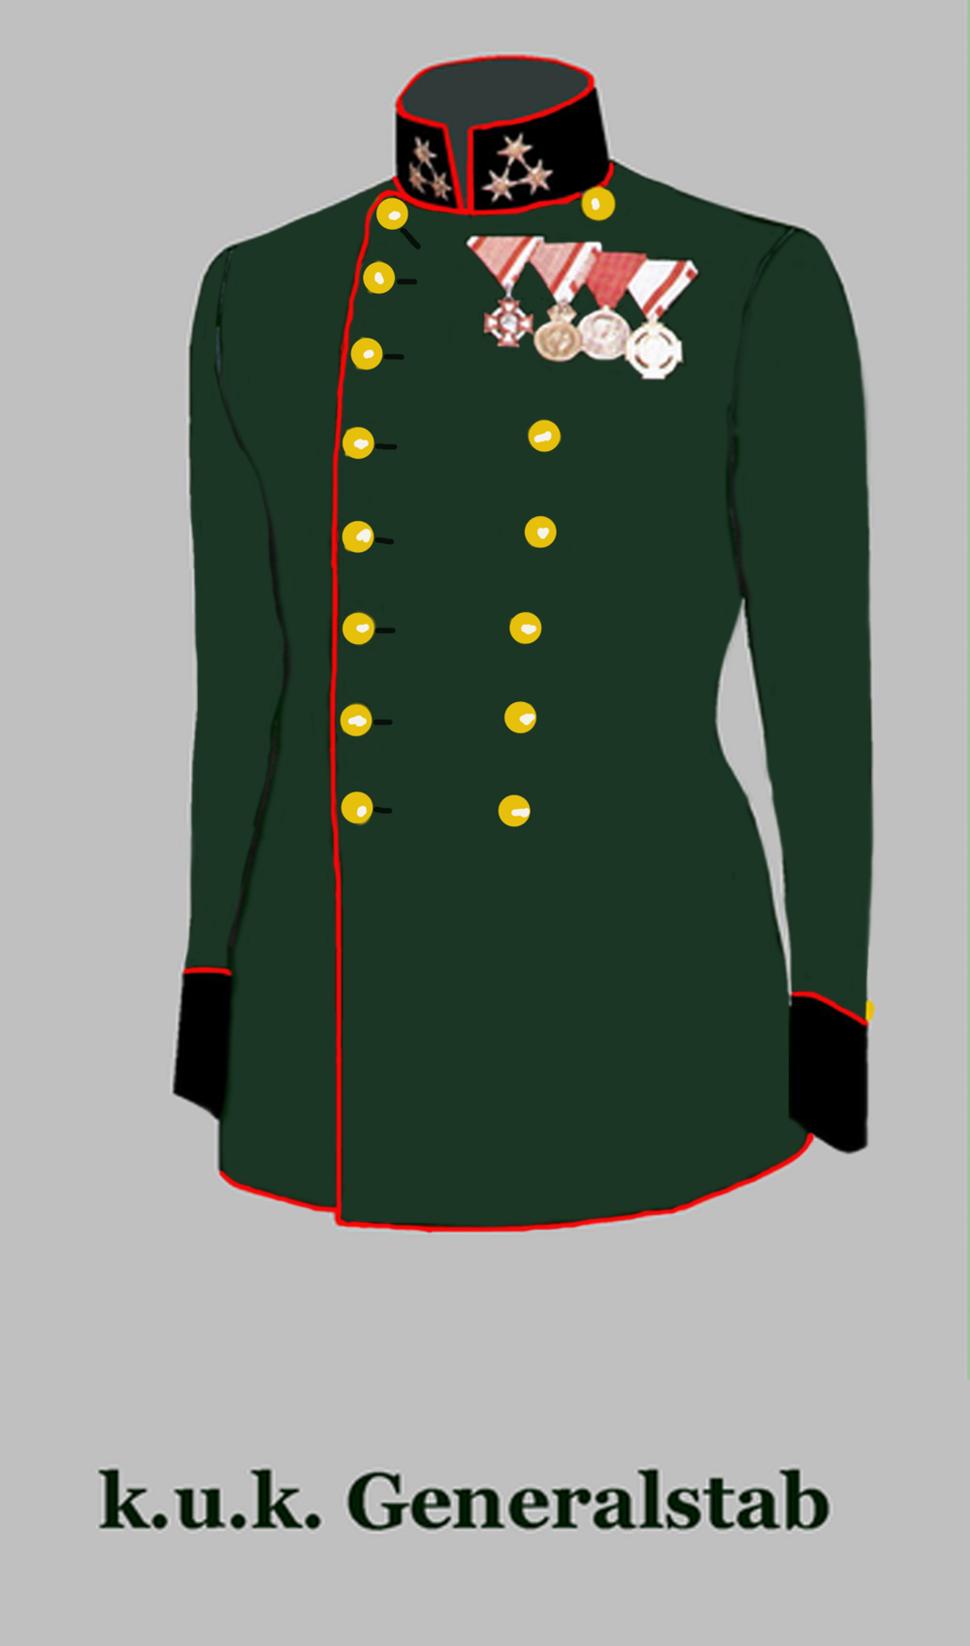 Hauptmann im k.u.k. Generalstab